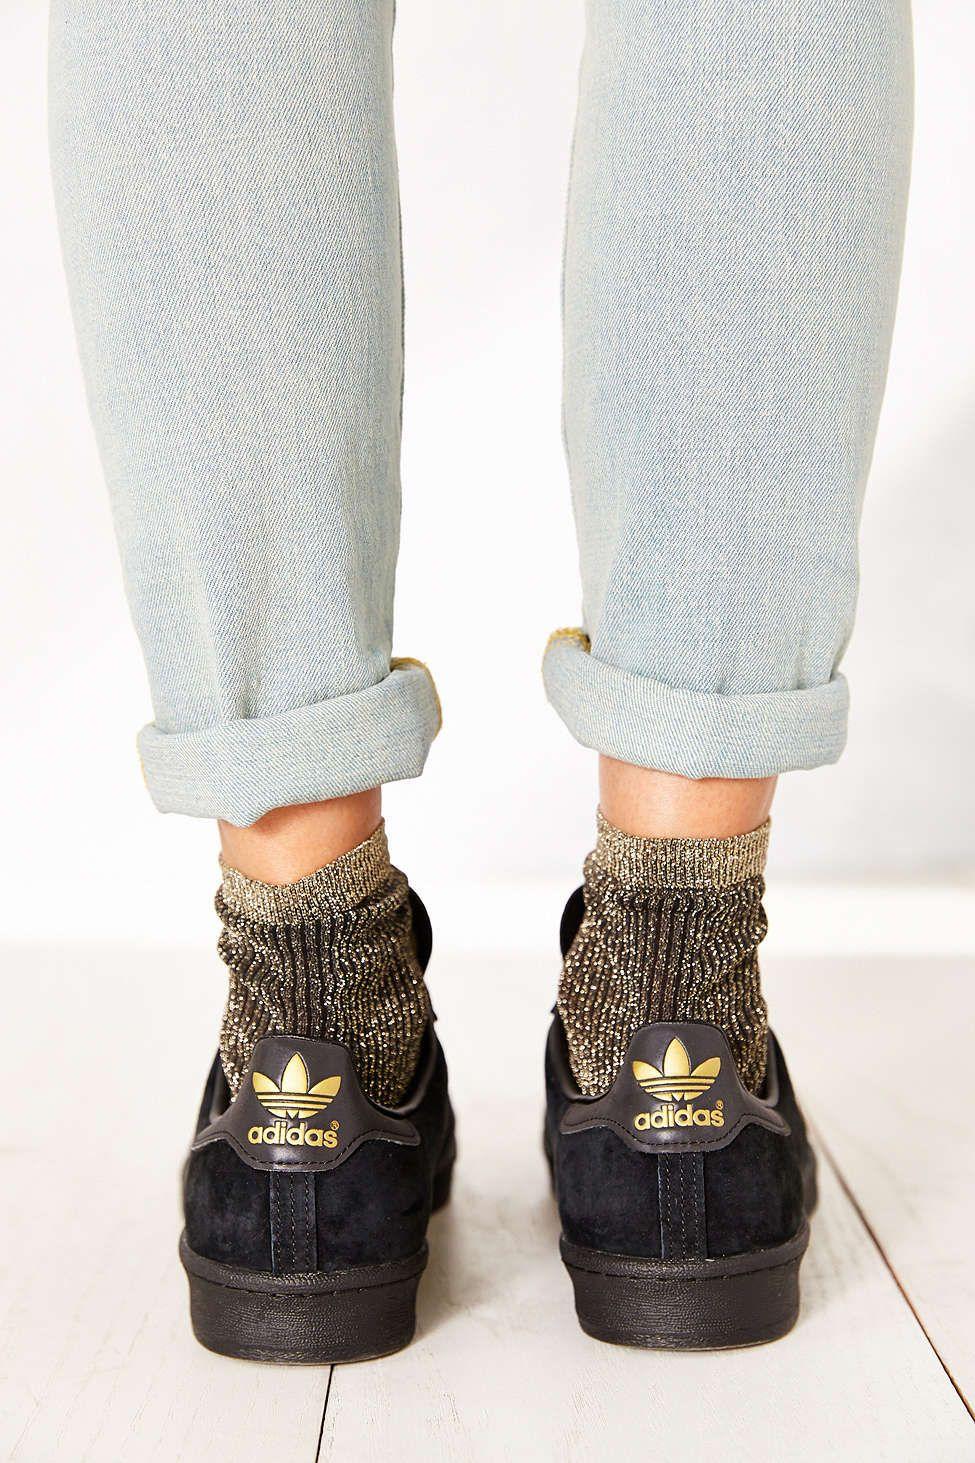 Originals Sneaker Pinterest Sadies Tonal Adidas 80s Campus zH4pqnz1d